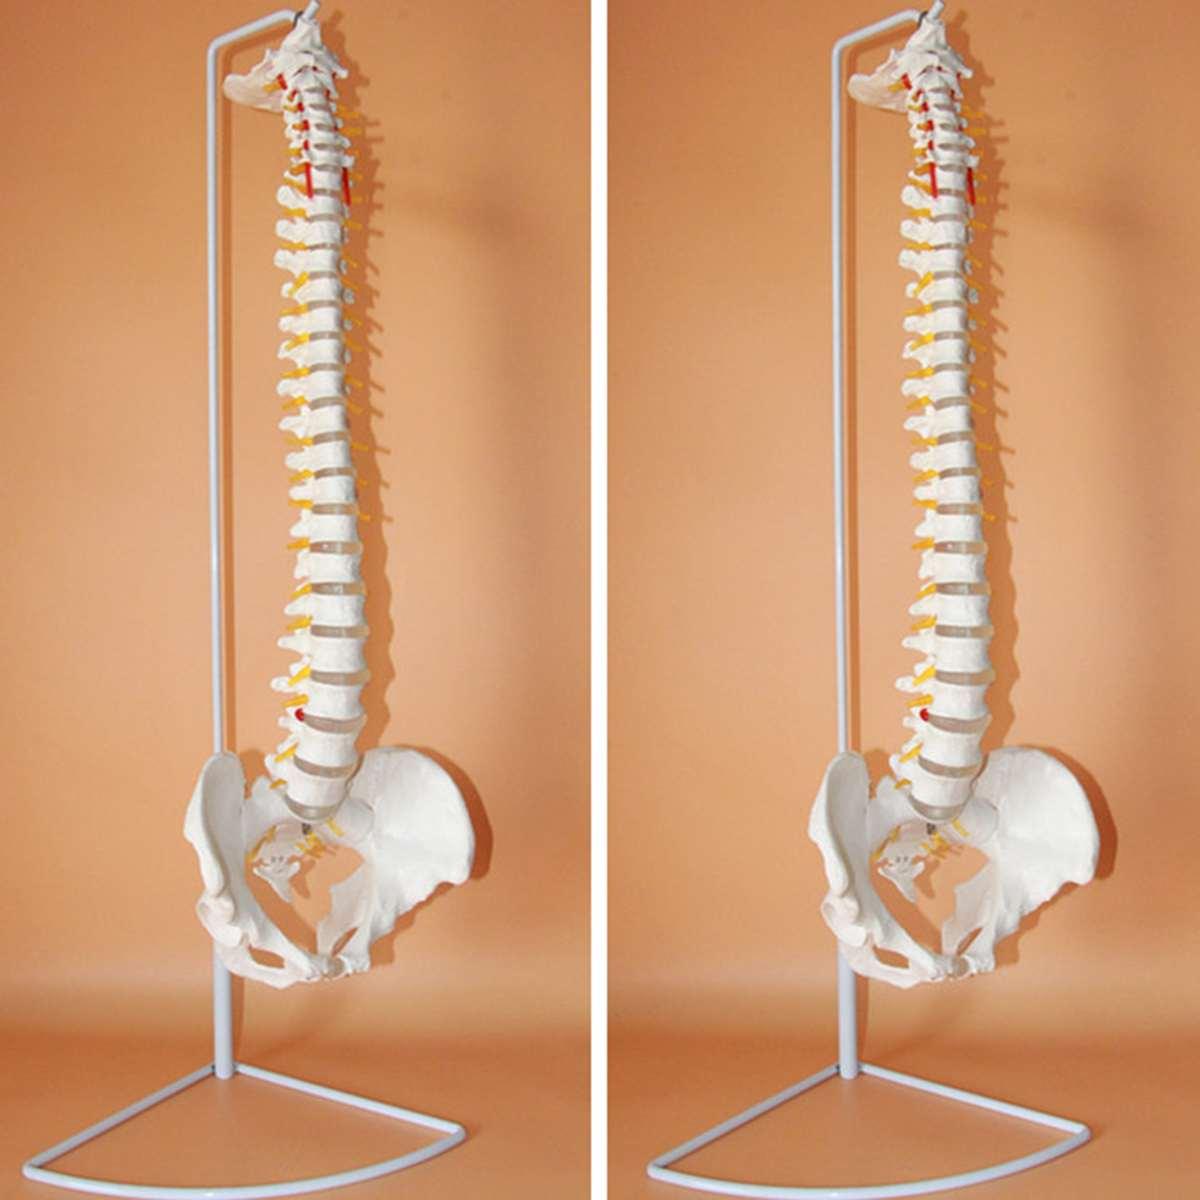 73 cm Leben Größe Flexible Chiropraktik Menschlichen Wirbelsäule Anatomischen Anatomie Modell Mit Stand Schule Medizinische Wissenschaft Pädagogisches Modell